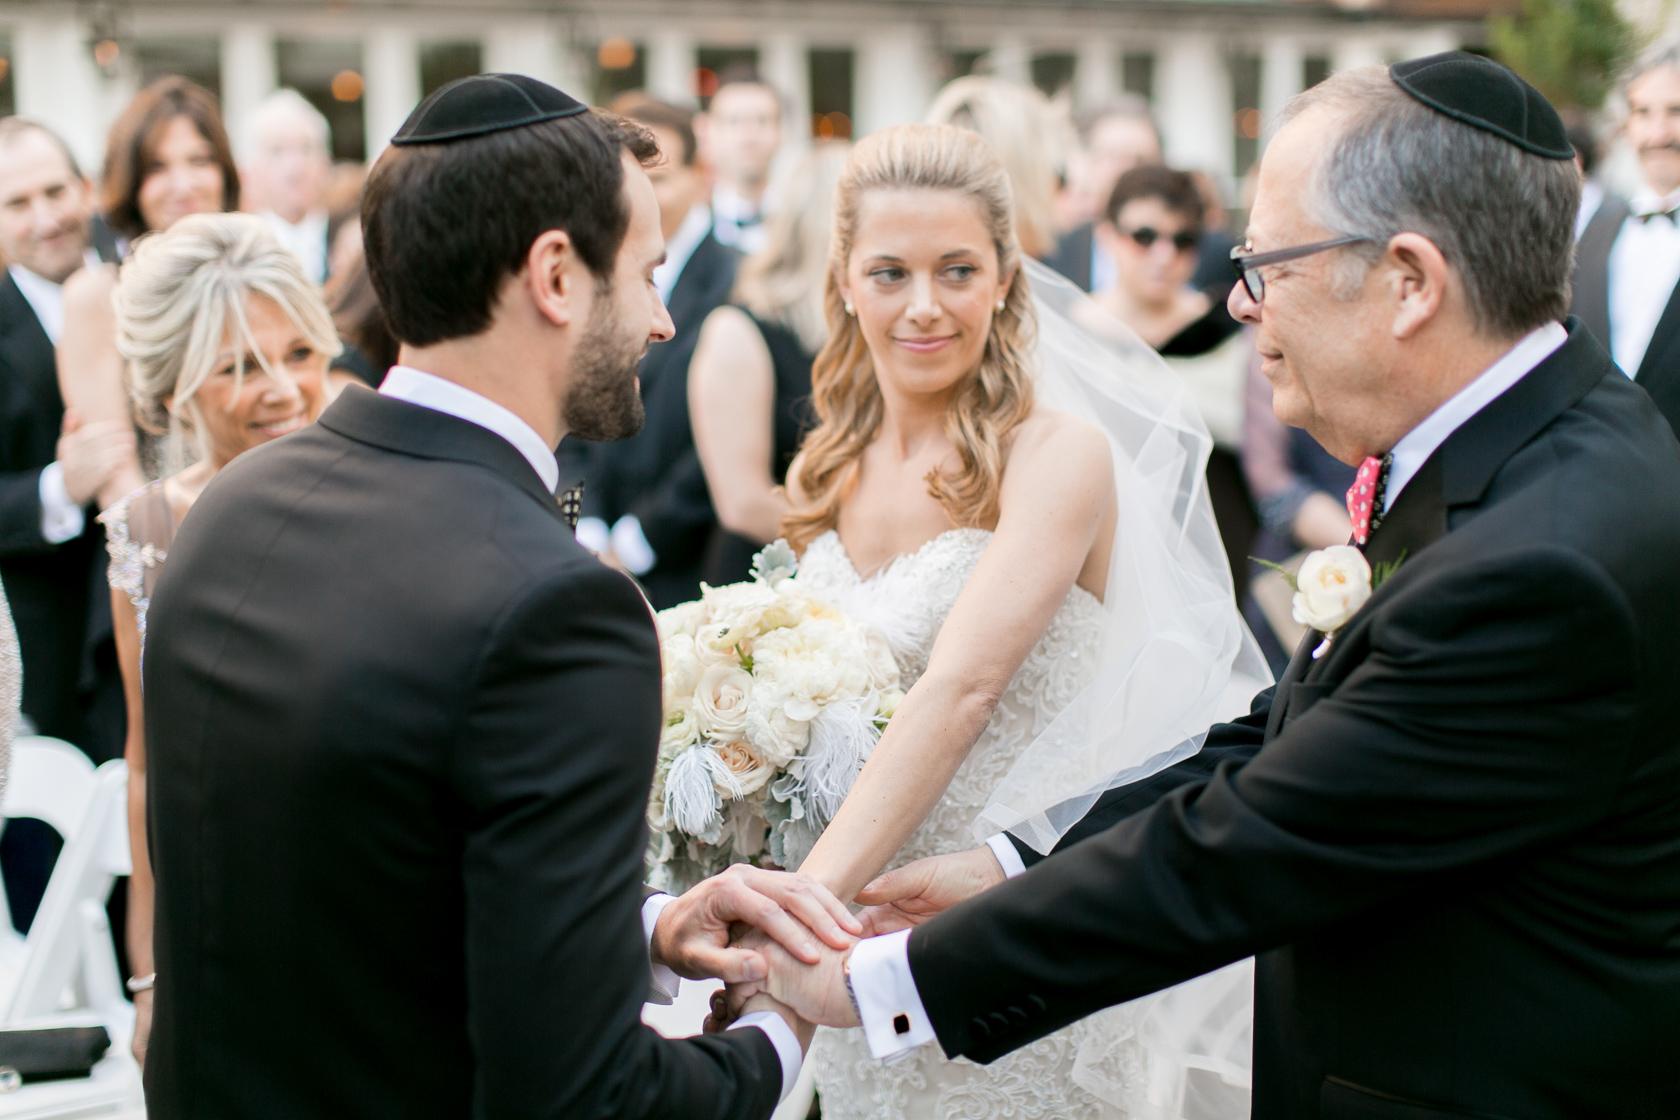 omni royal orleans courtyard wedding ceremony 02